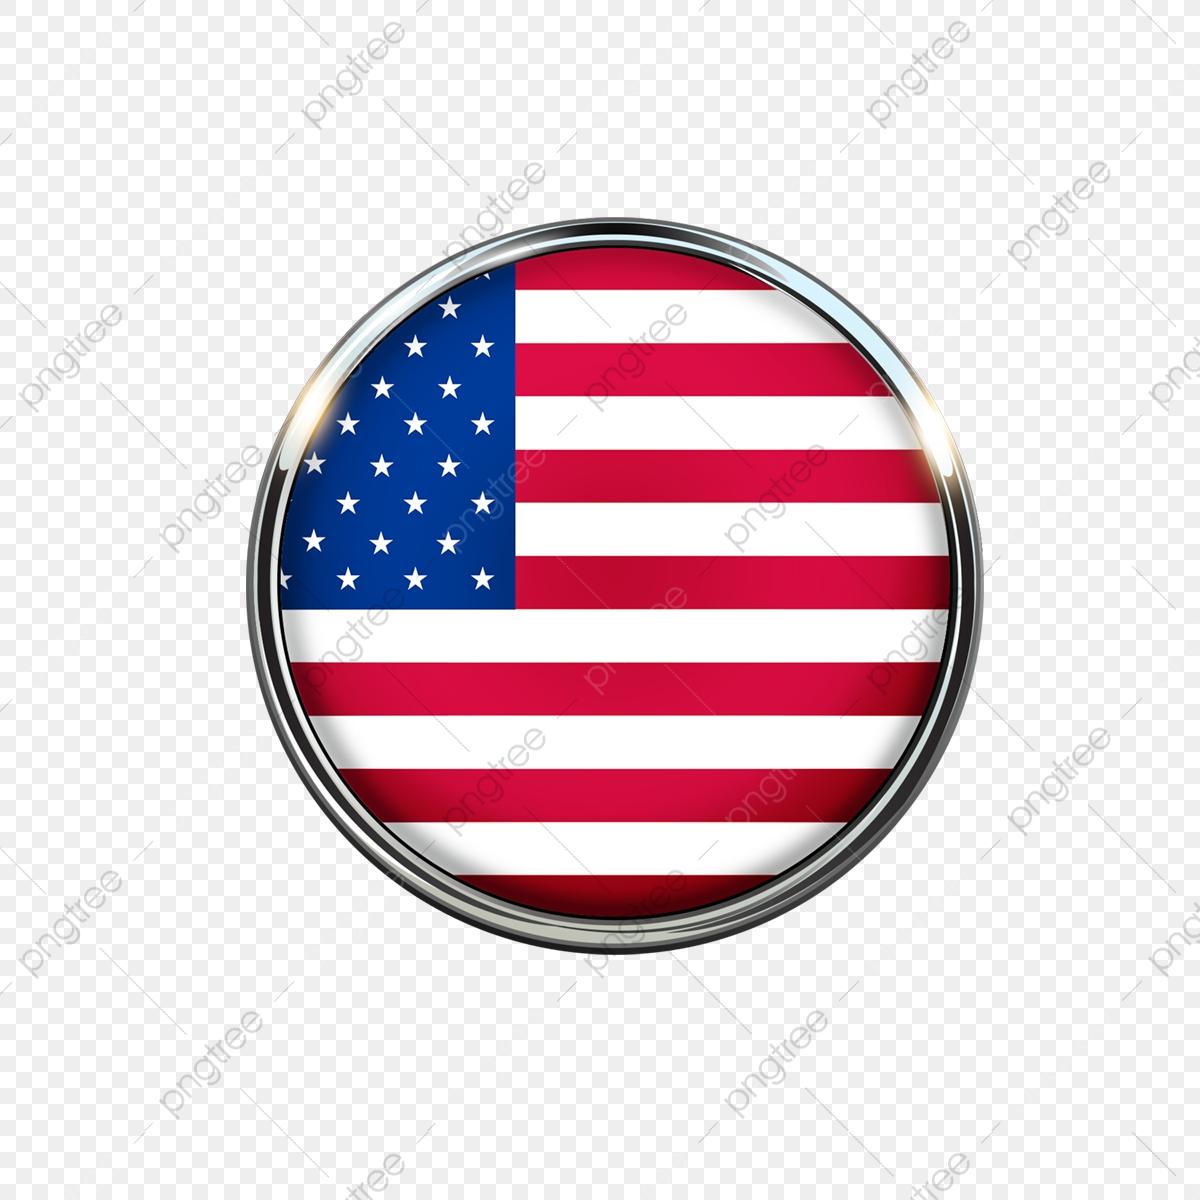 Los Estados Unidos Icono Redondo, América, American, Placa Archivo.